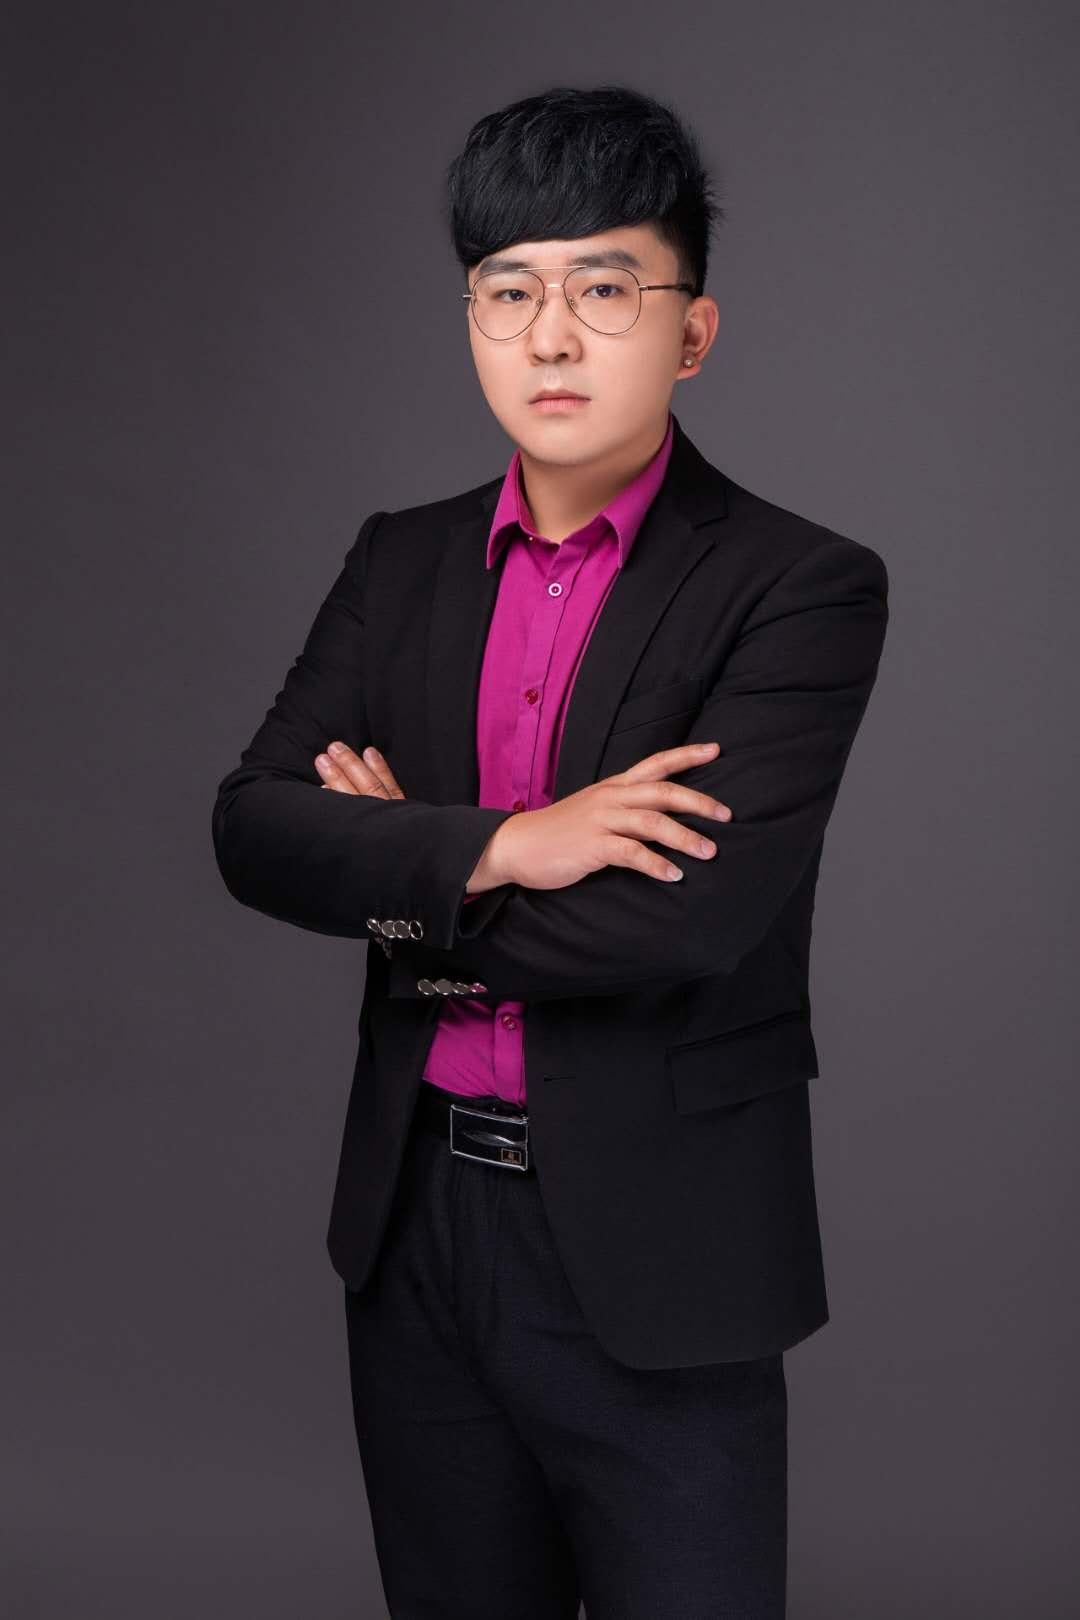 西安装修设计师潘俊